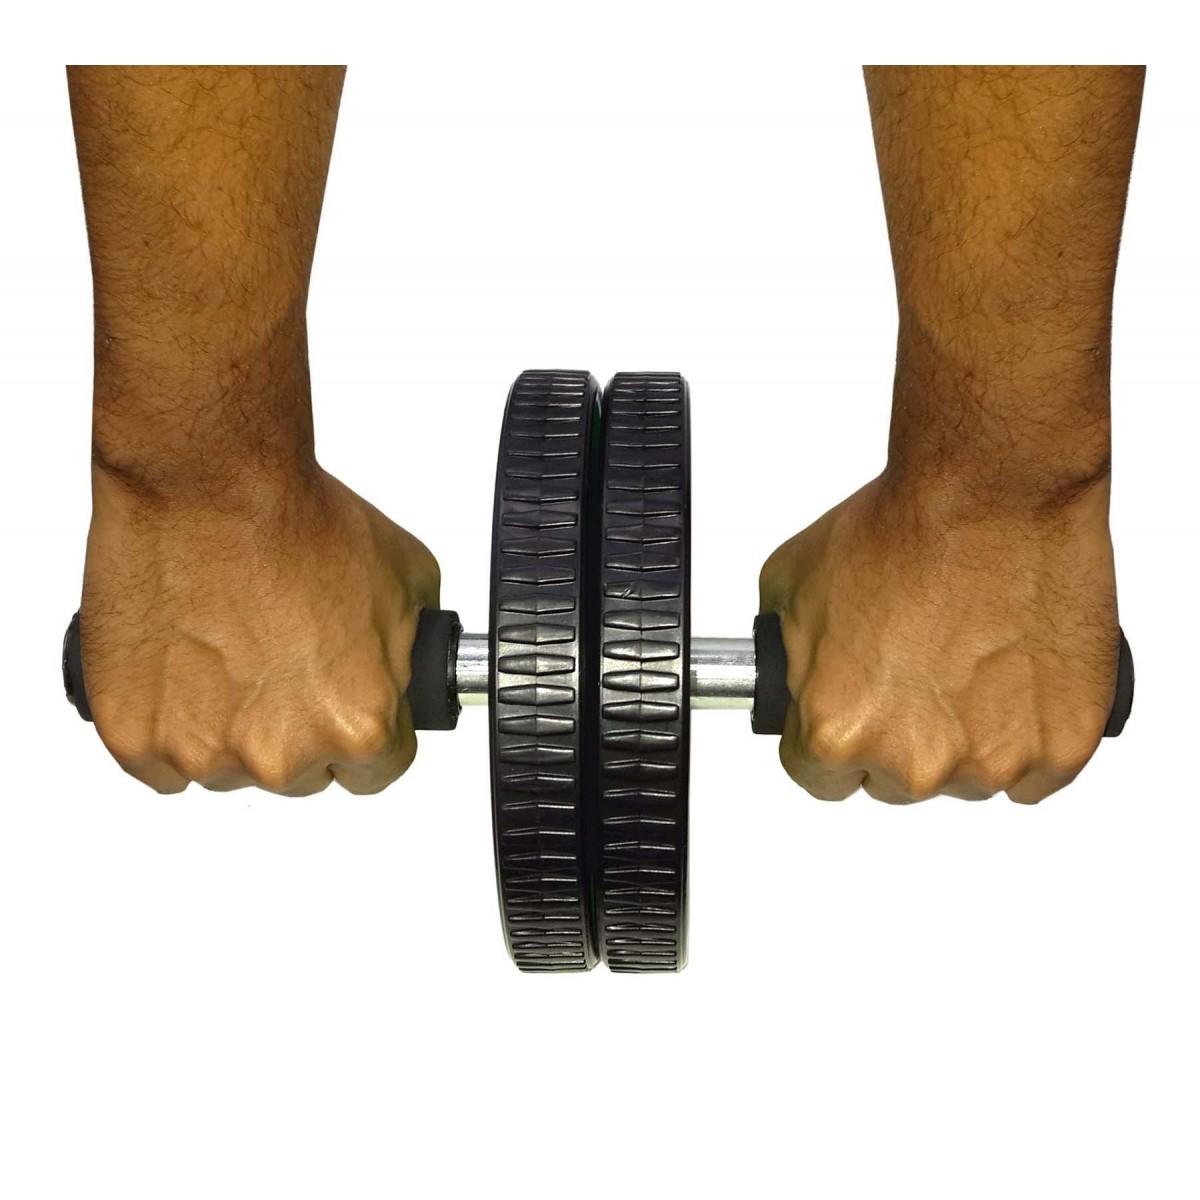 Rolo Roda Abdominal Para Exercicio Fisico Fortalece Abdomem Musculo Braço Ombro Roxo